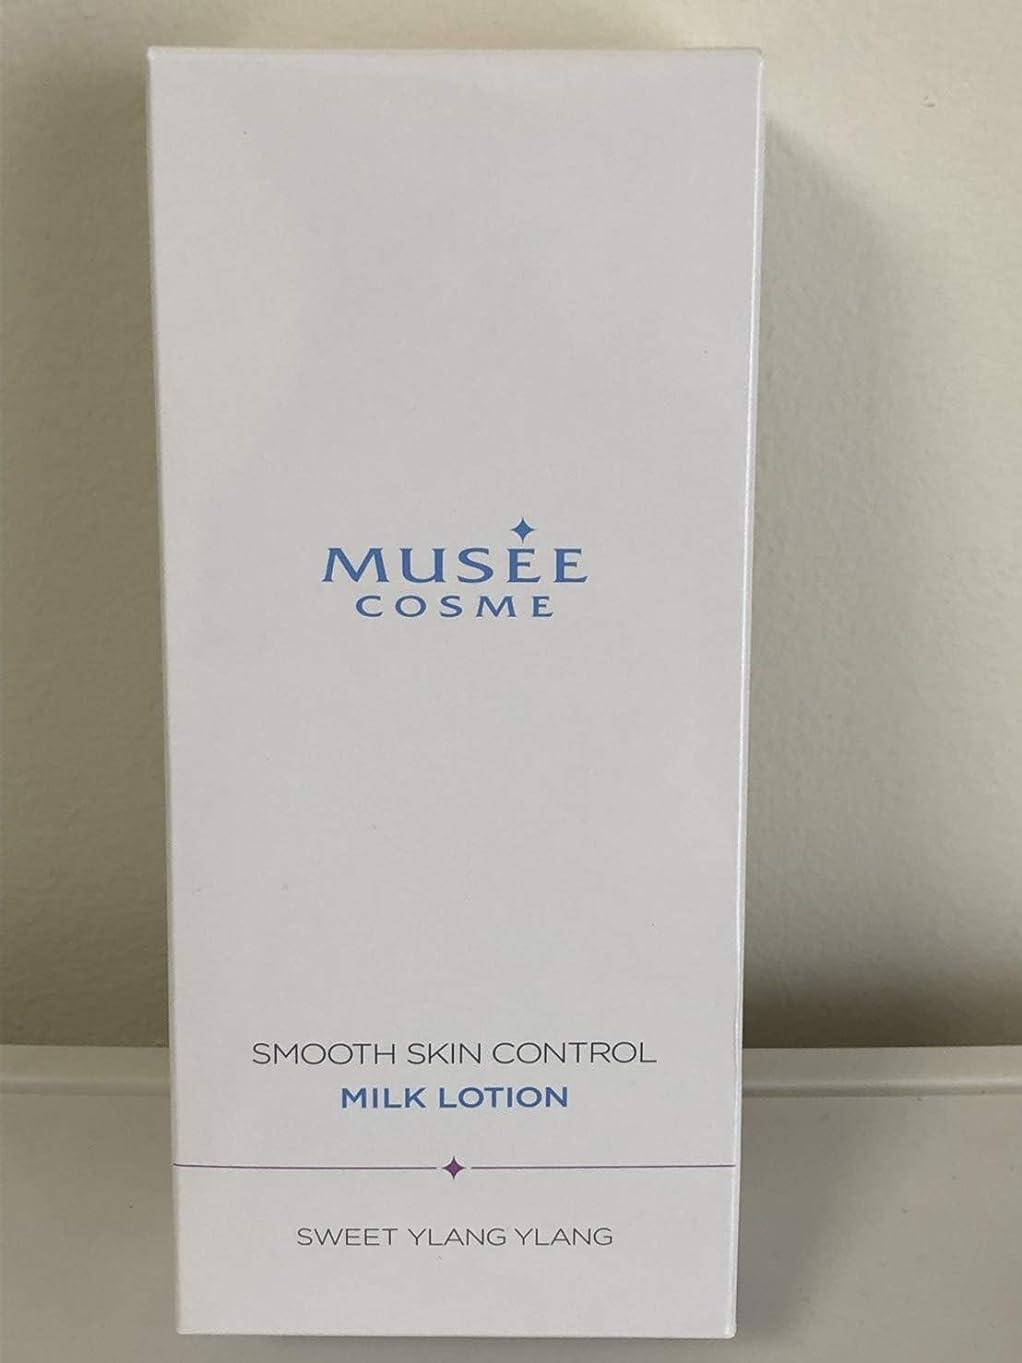 分離雪視線ミュゼコスメ 薬用スムーススキンコントロール ミルクローション 300mL スイートイランイランの香り